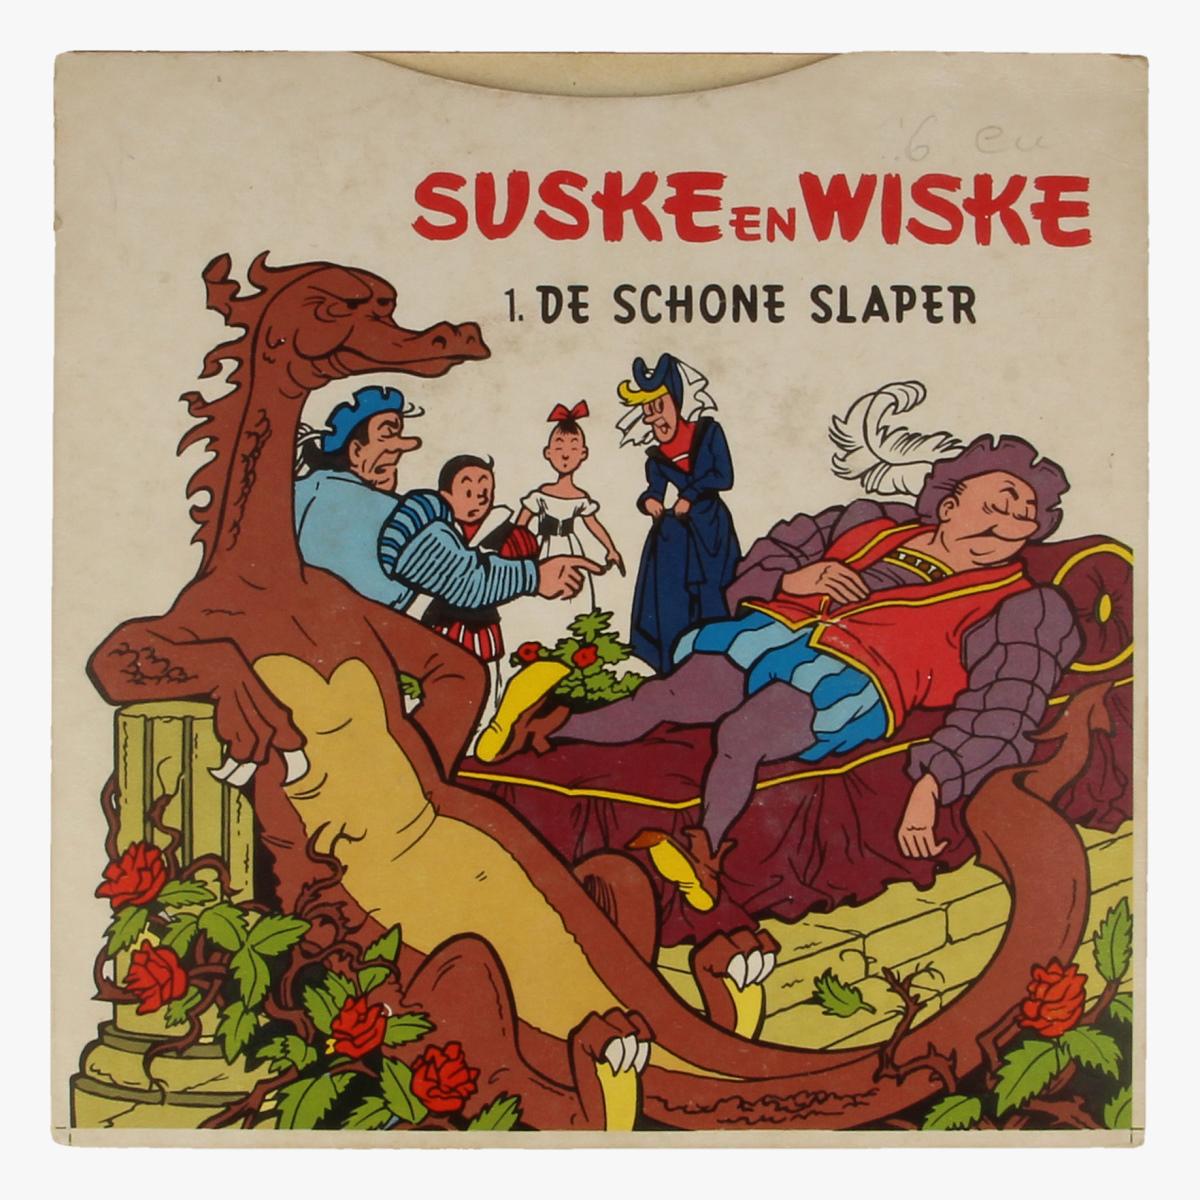 Afbeeldingen van Suske en Wiske De schone slaper 33 toeren SINGEL